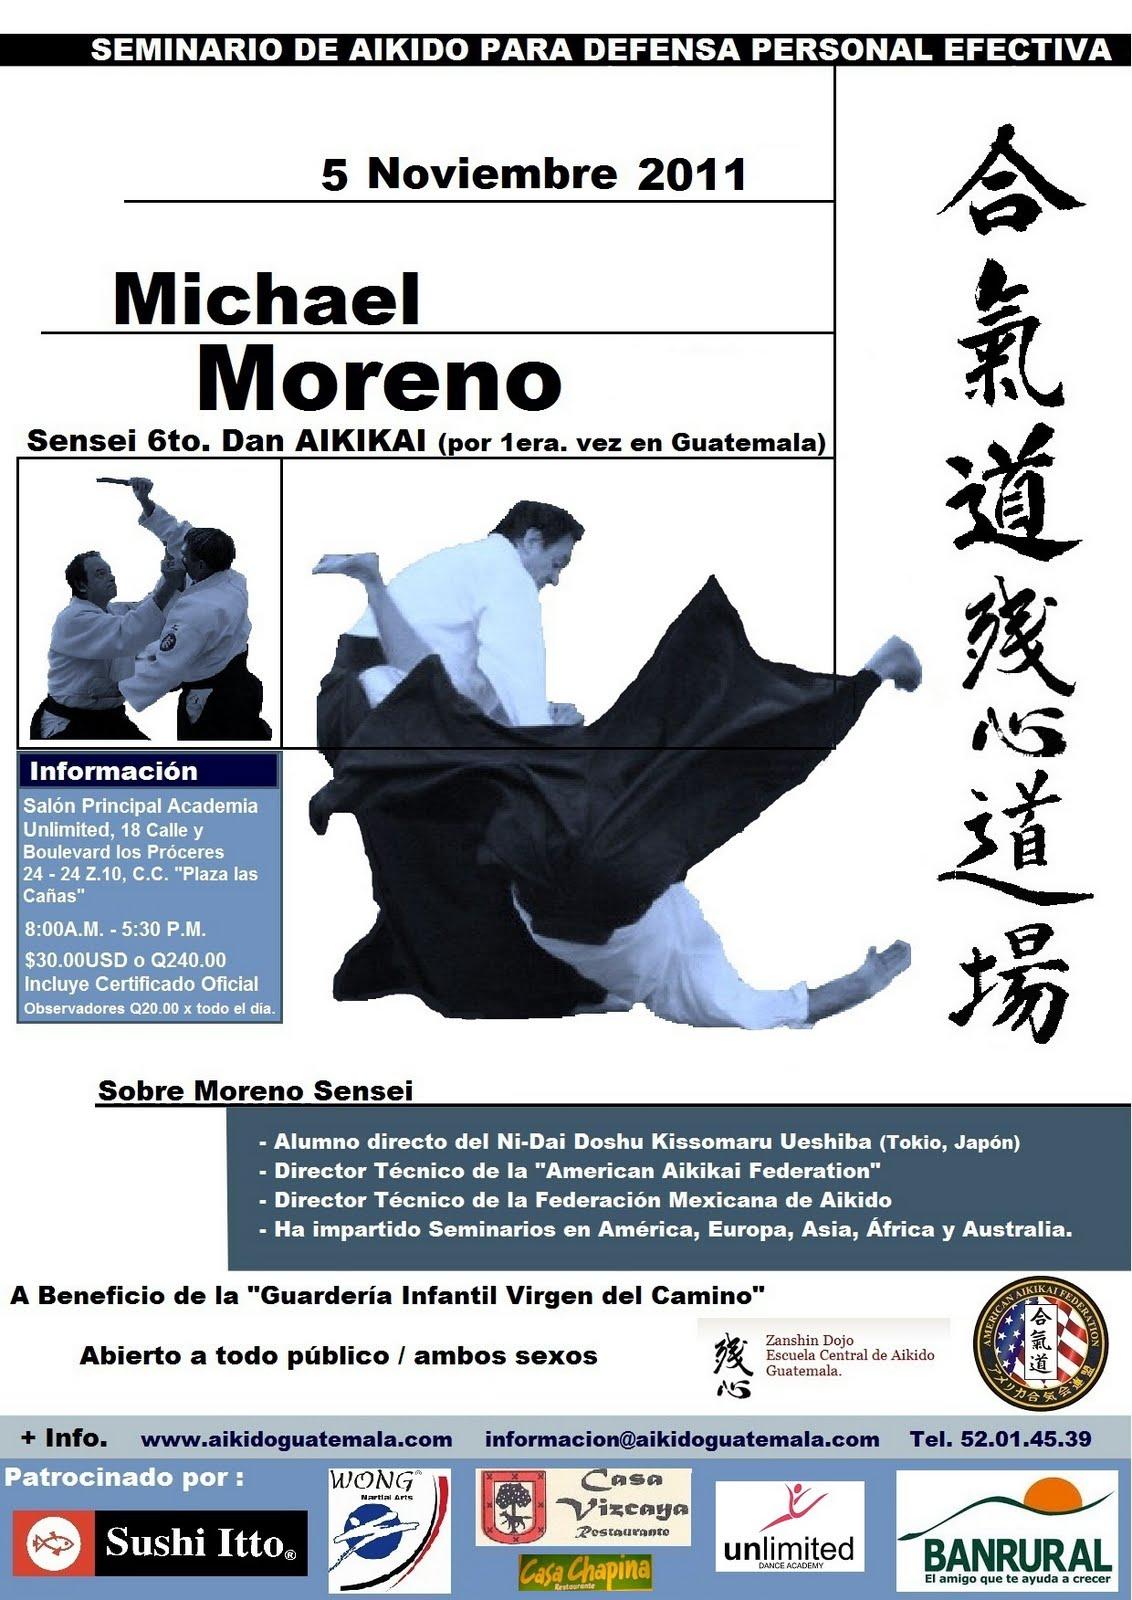 Afiche 7mo. Seminario Zanshin Dojo Aikido Guatemala